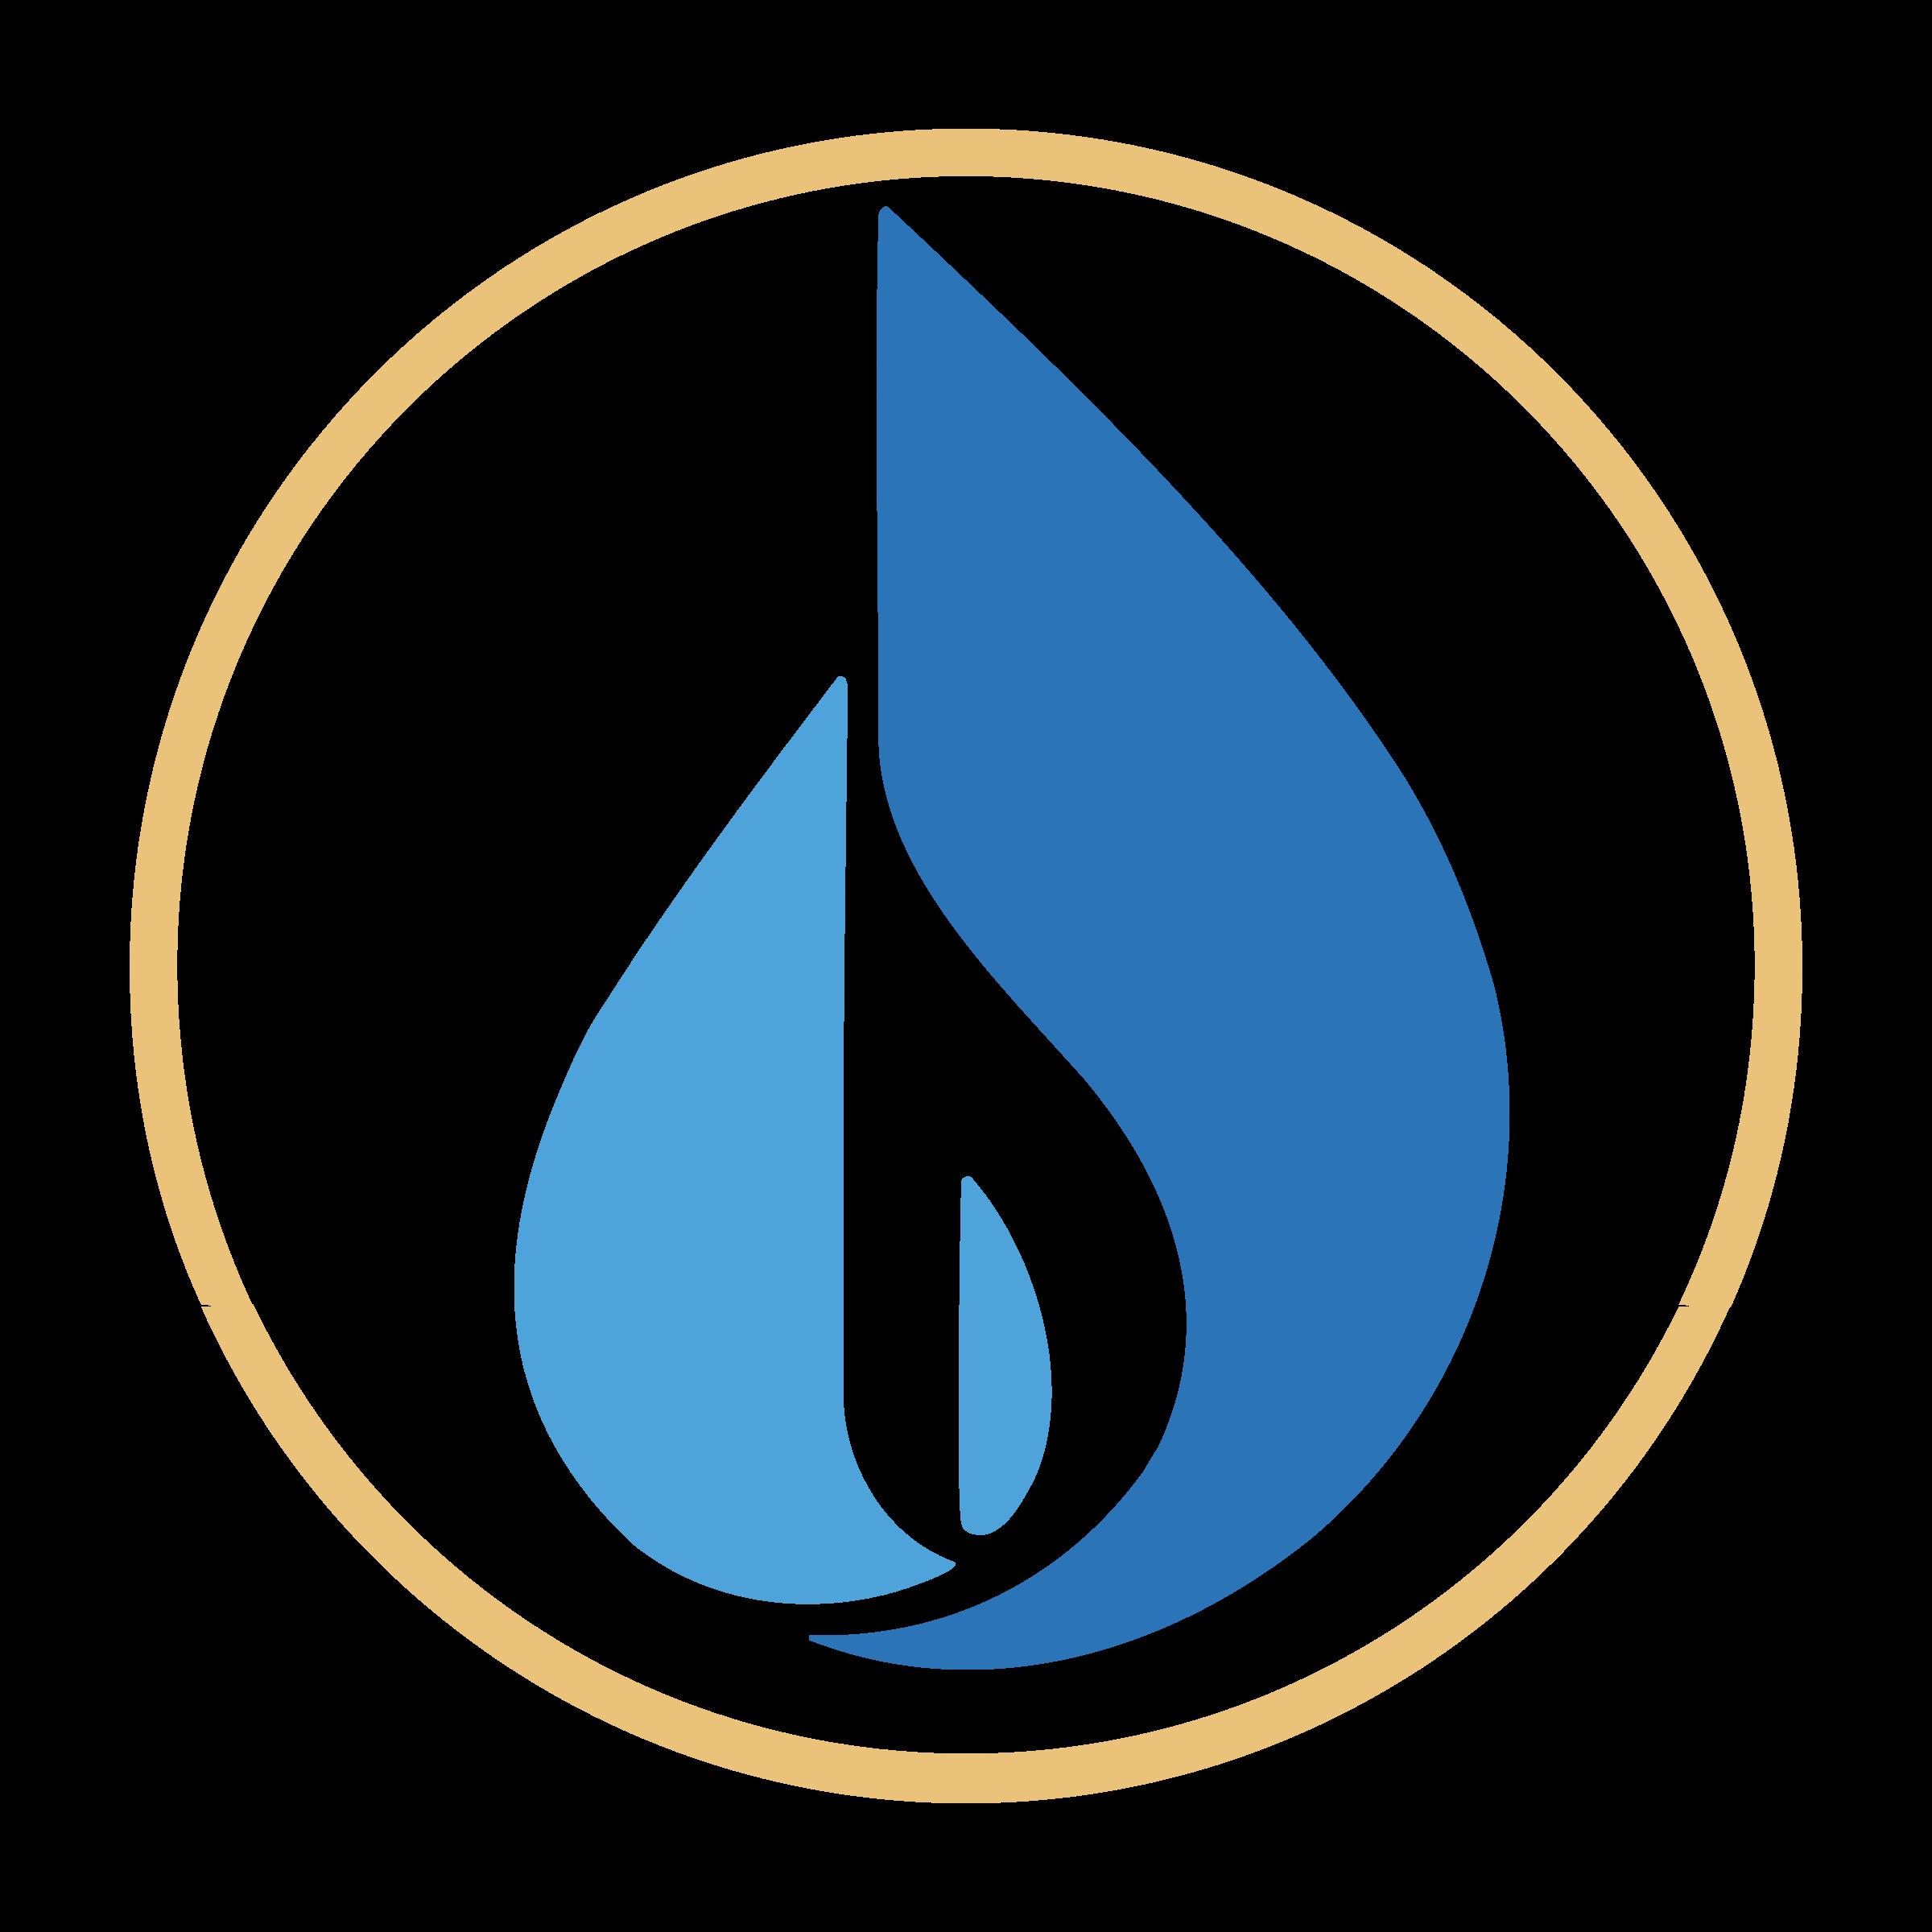 National Fuel Logo PNG Transparent & SVG Vector.